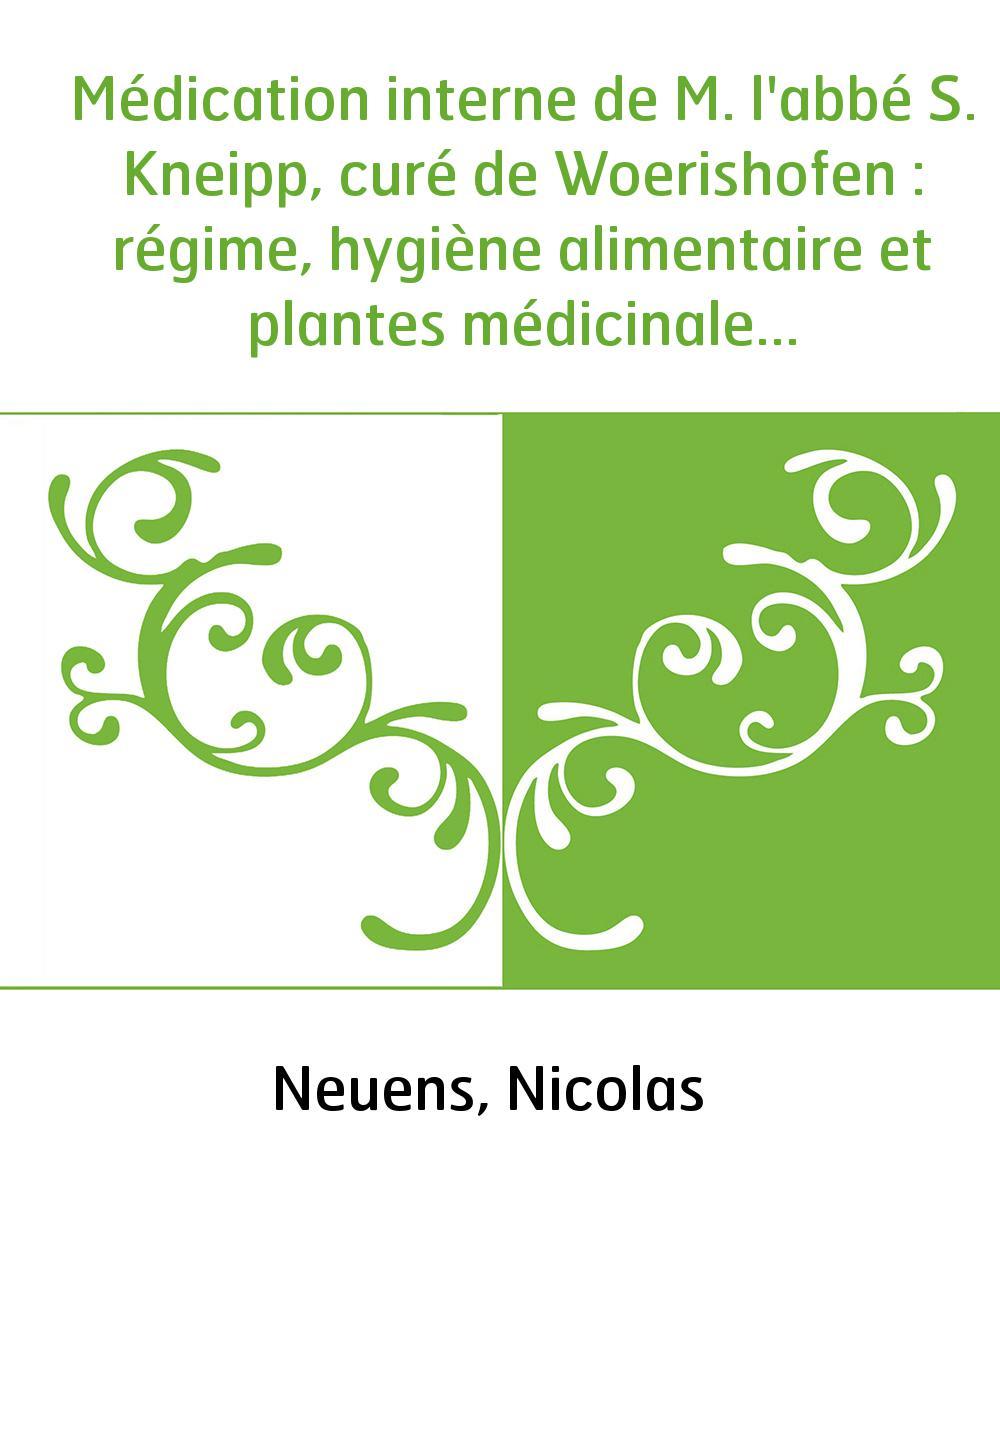 Médication interne de M. l'abbé S. Kneipp, curé de Woerishofen : régime, hygiène alimentaire et plantes médicinales (Édition fra